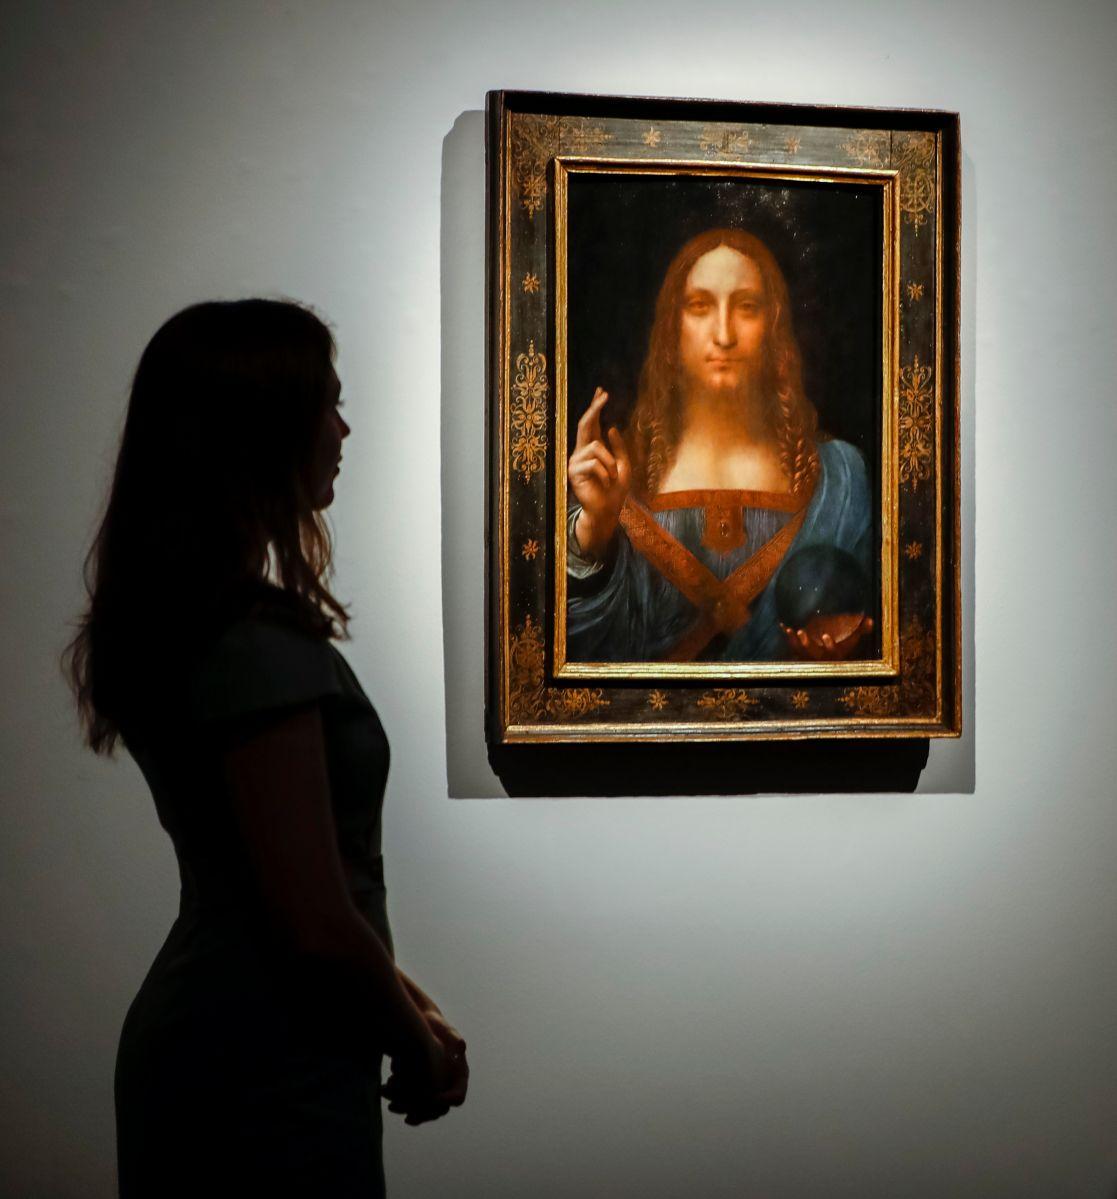 La pieza tiene 500 años de antigüedad y fue comprada por un millonario ruso